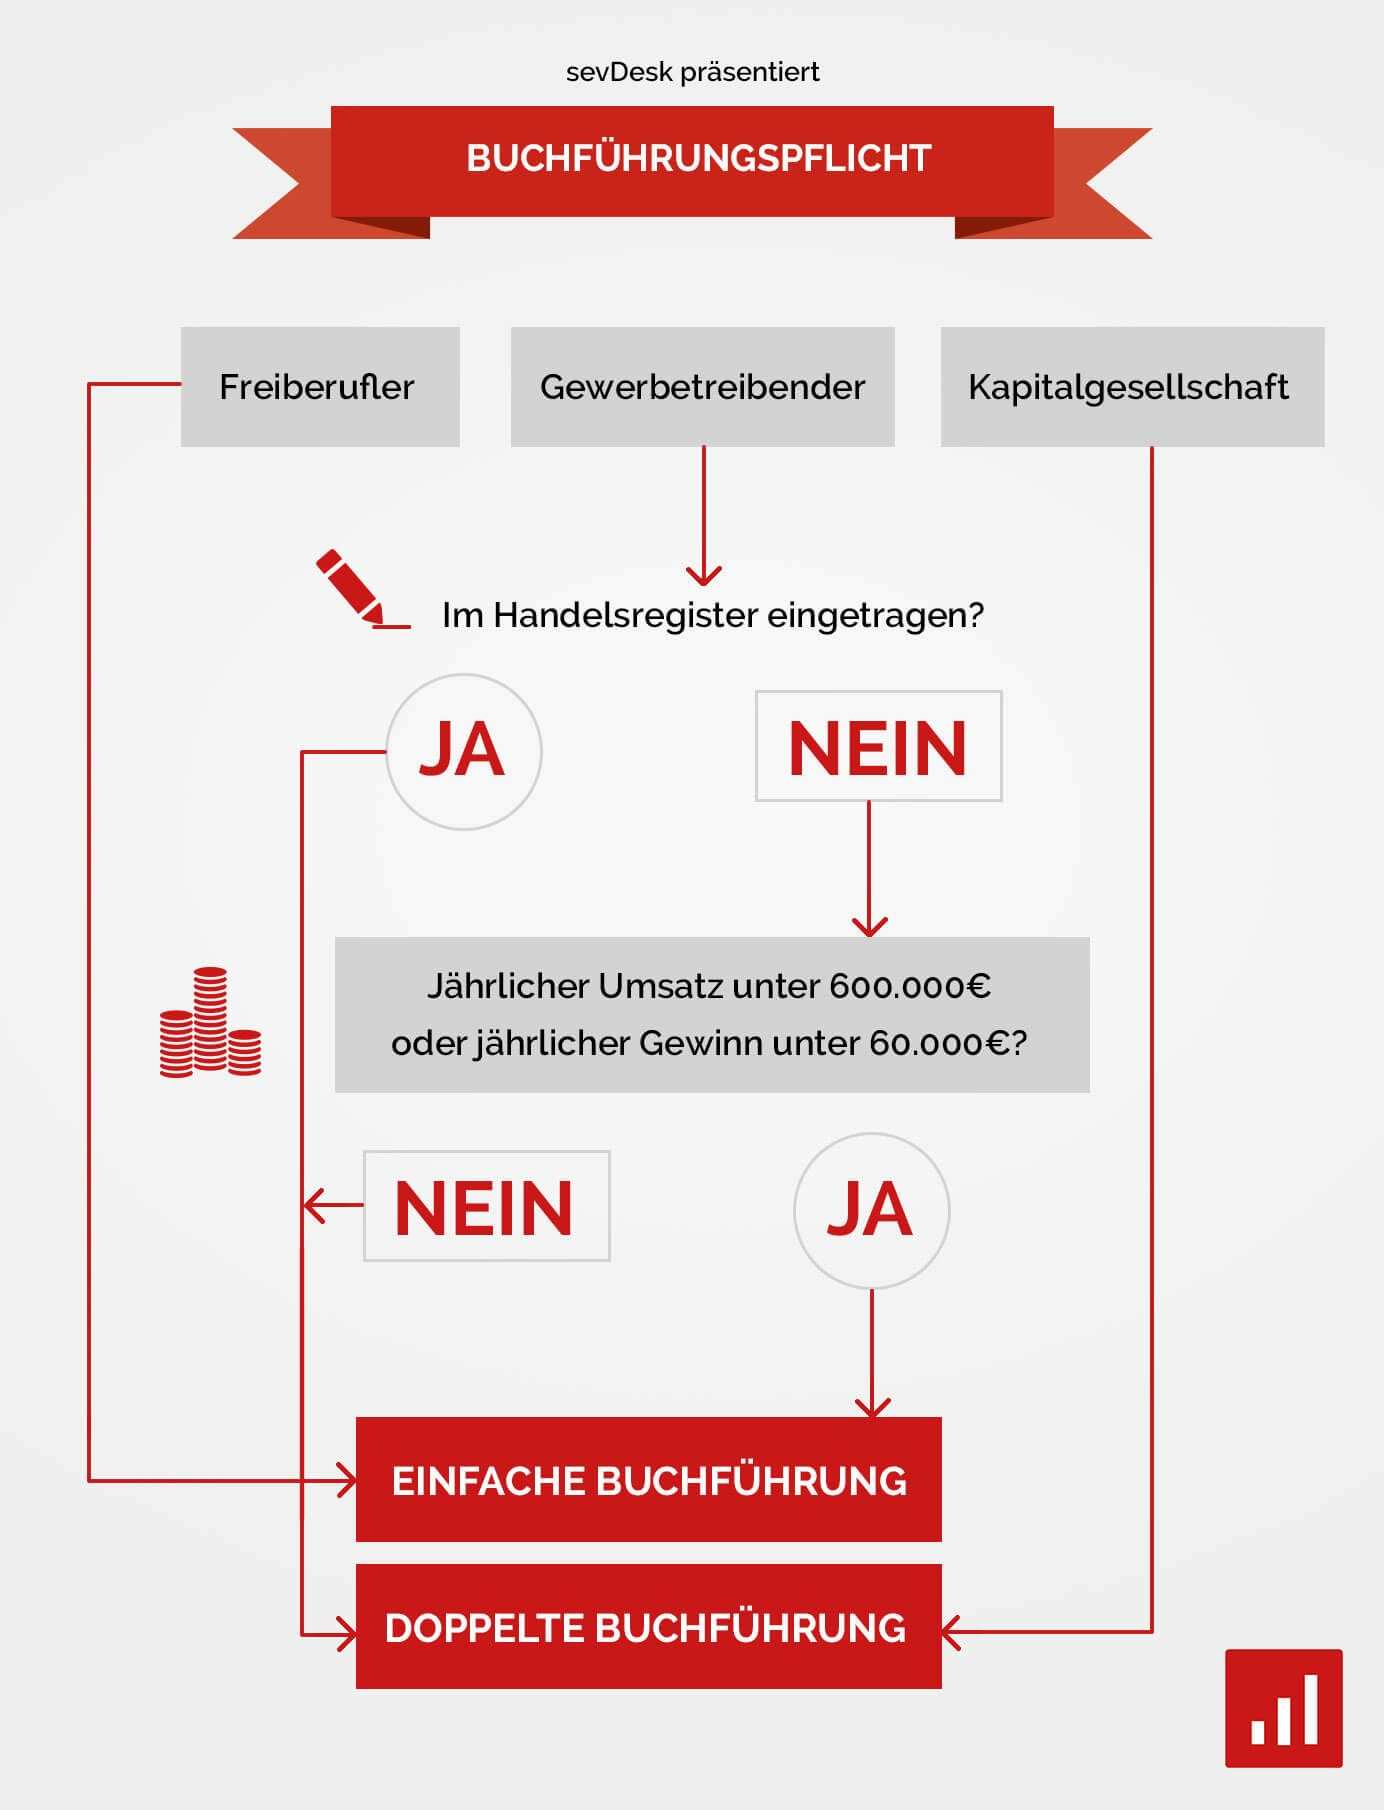 Buchfuhrungspflicht Infografik Buchhaltung Buchfuhrung Geschaftsidee Finden